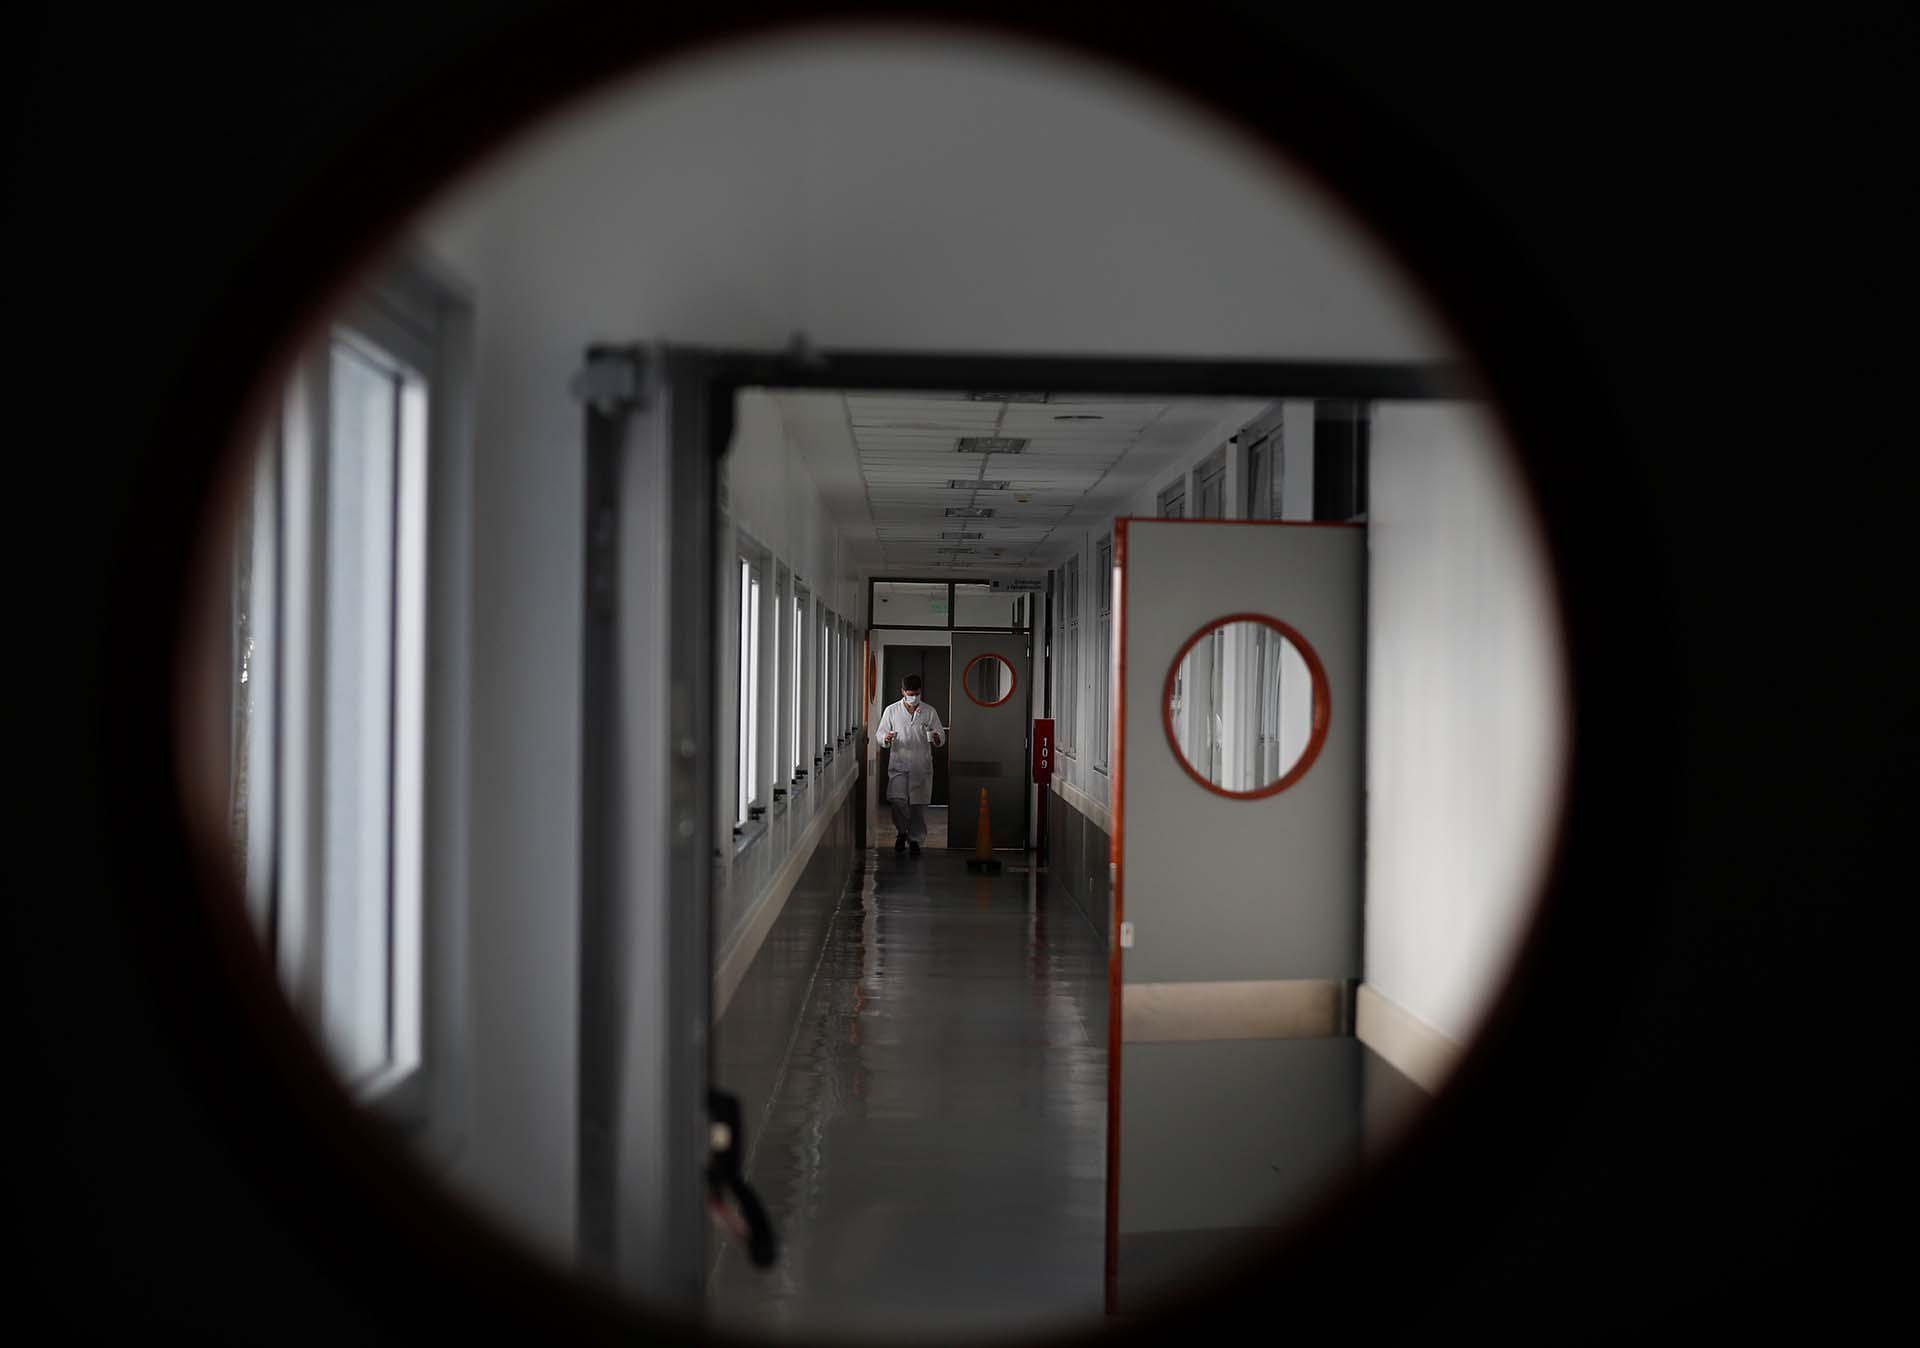 Un trabajador de la salud es atendido en el hospital El Cruce, en Florencio Varela, mientras continúa la propagación del COVID-19